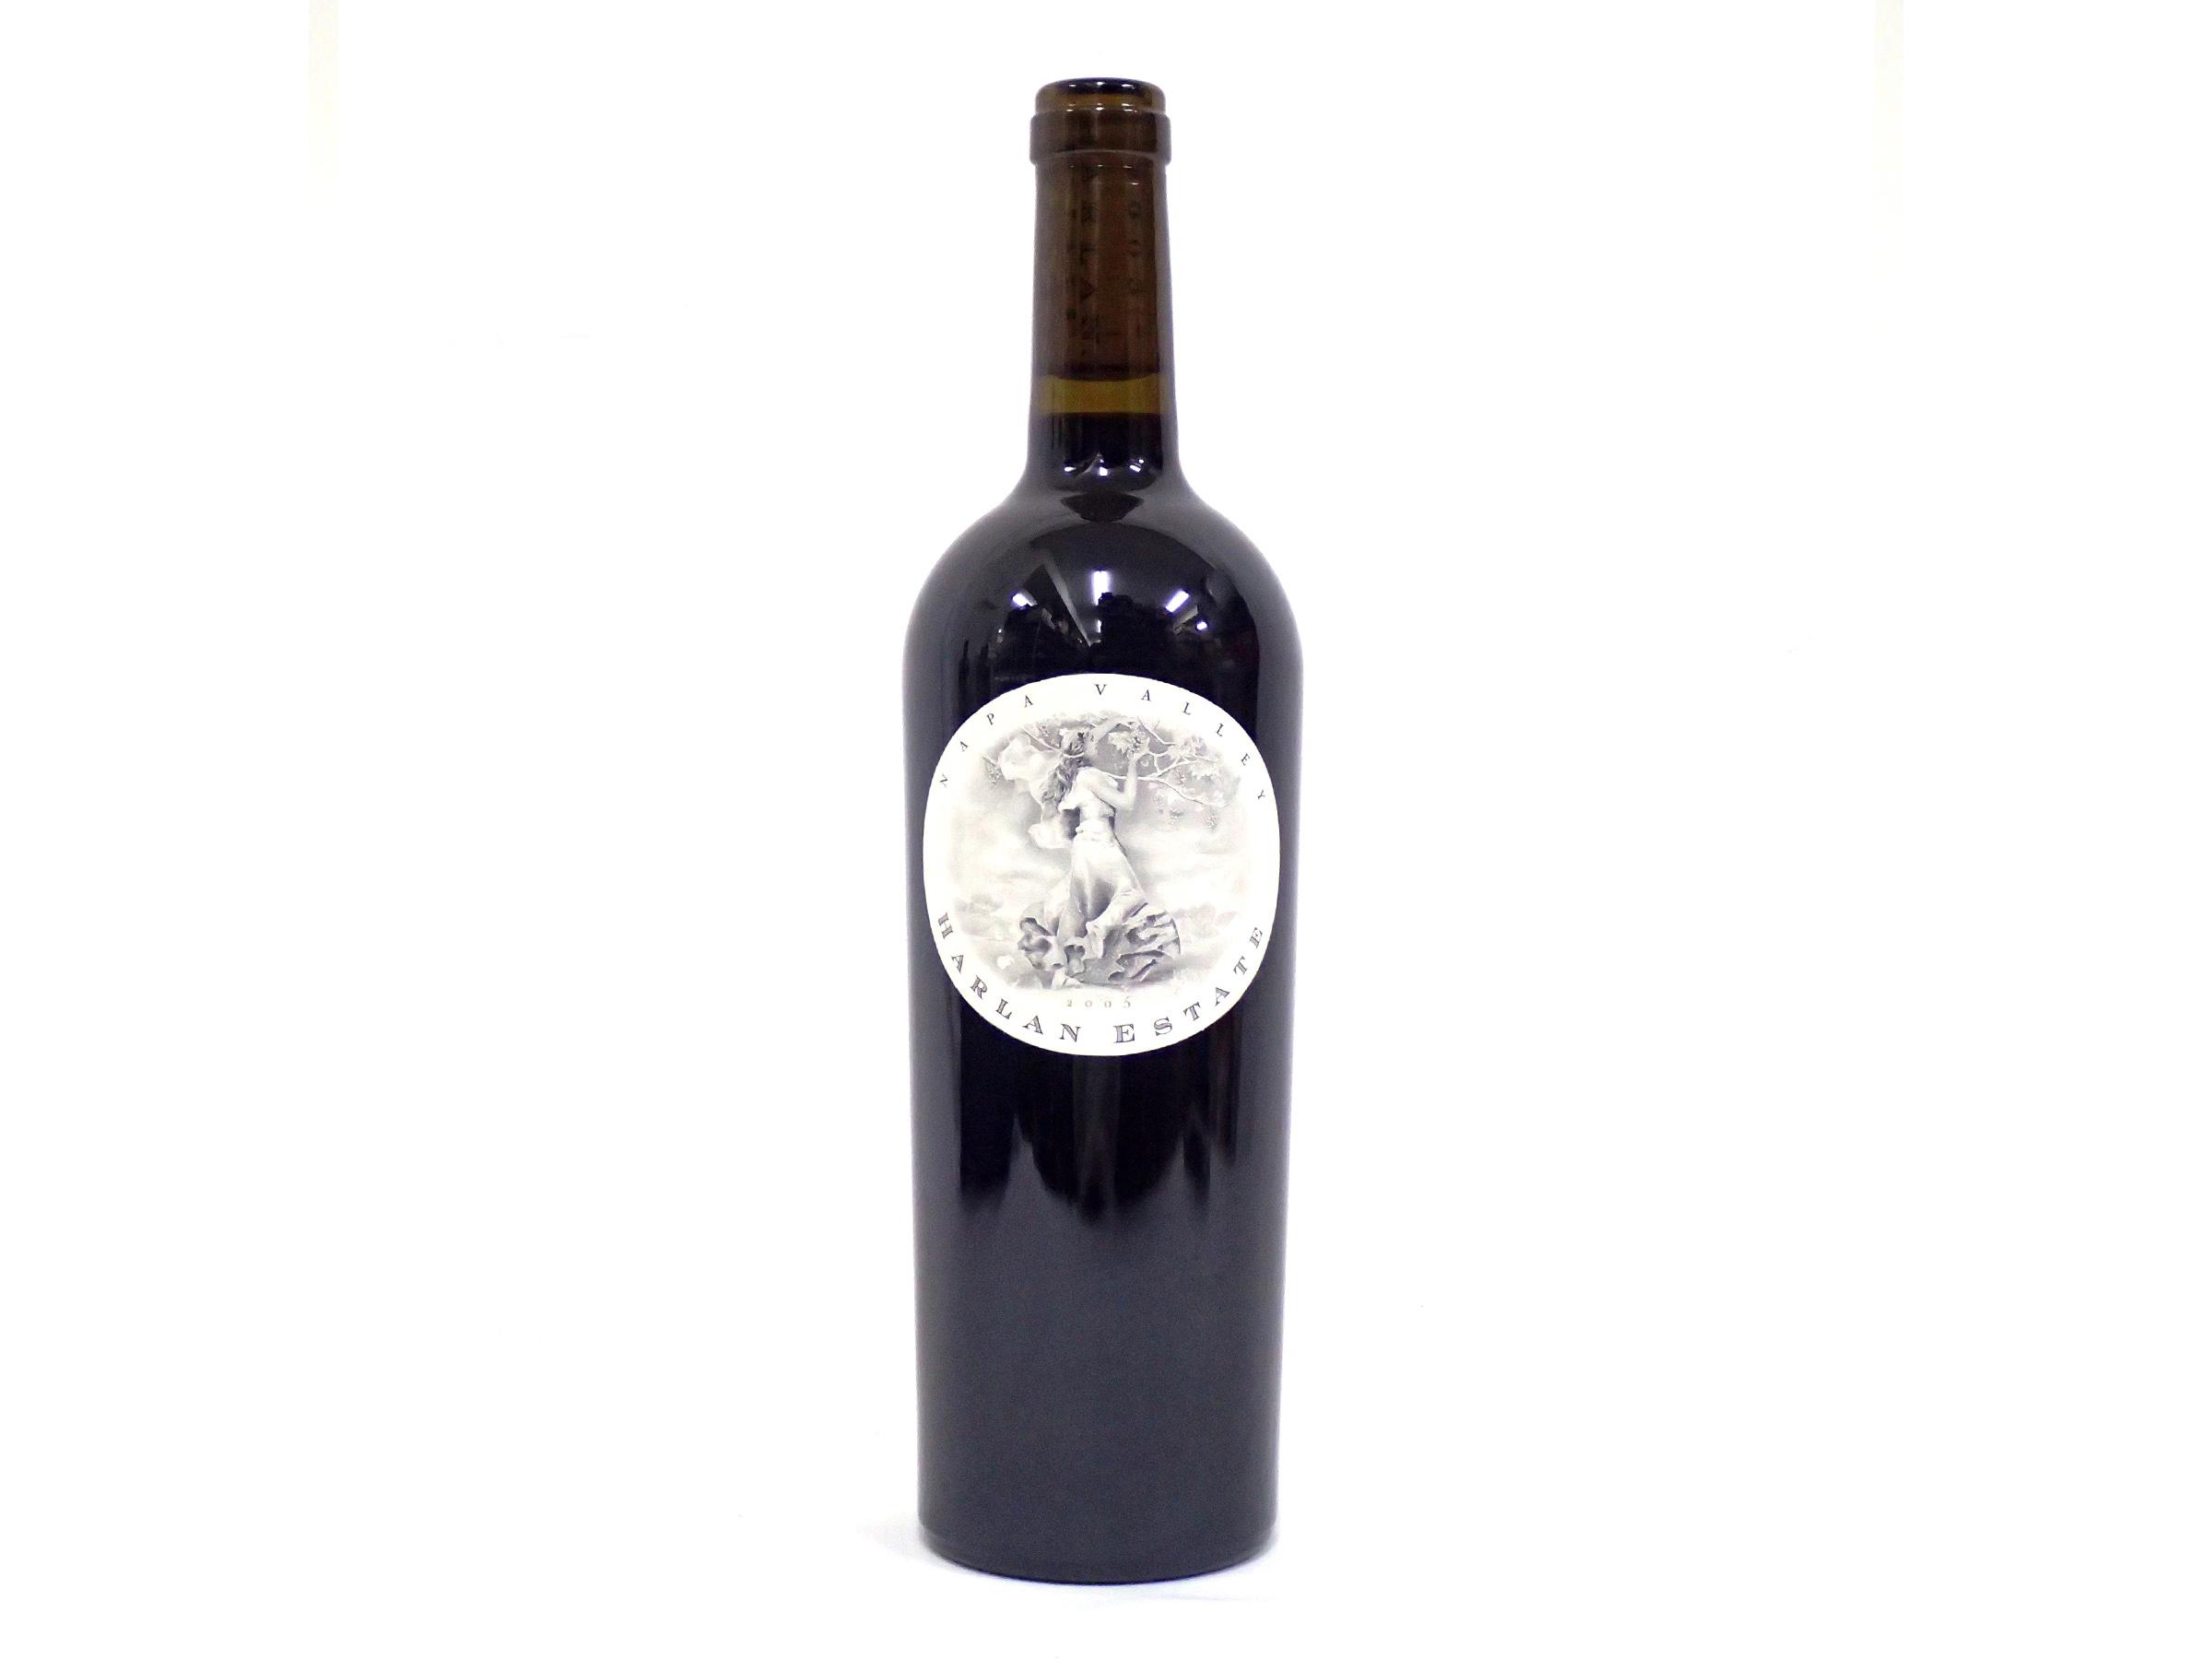 ハーランエステート プロプライエタリー Red Wine 2005 宅配買取にて愛媛県松山市のお客様より高価買取いたしました!